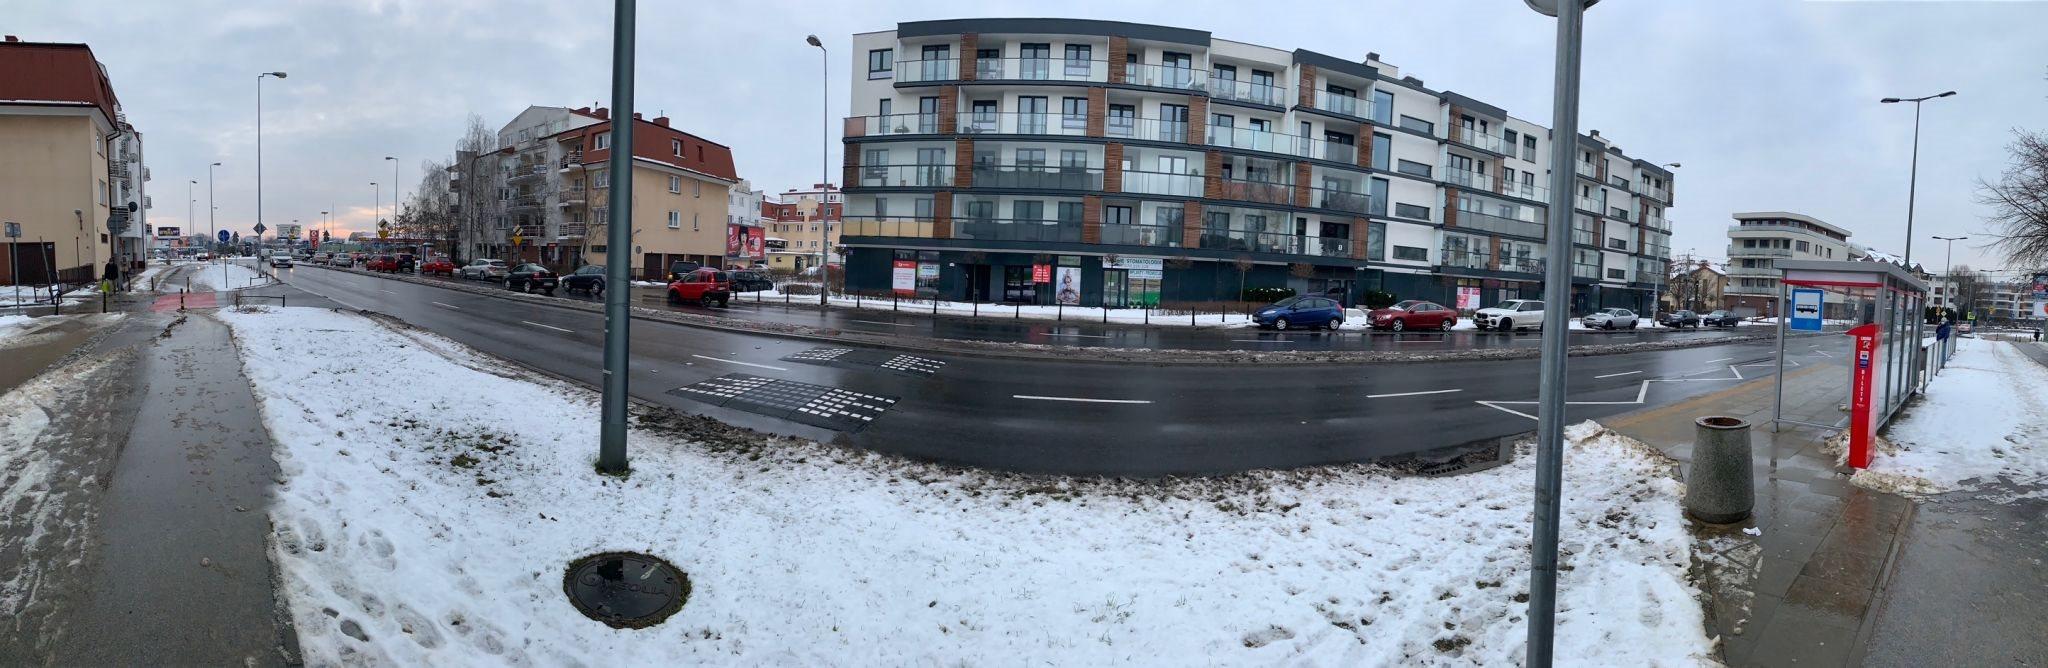 Lokal użytkowy na wynajem Warszawa, Ursynów, Wilhelma Konrada Roentgena  112m2 Foto 4